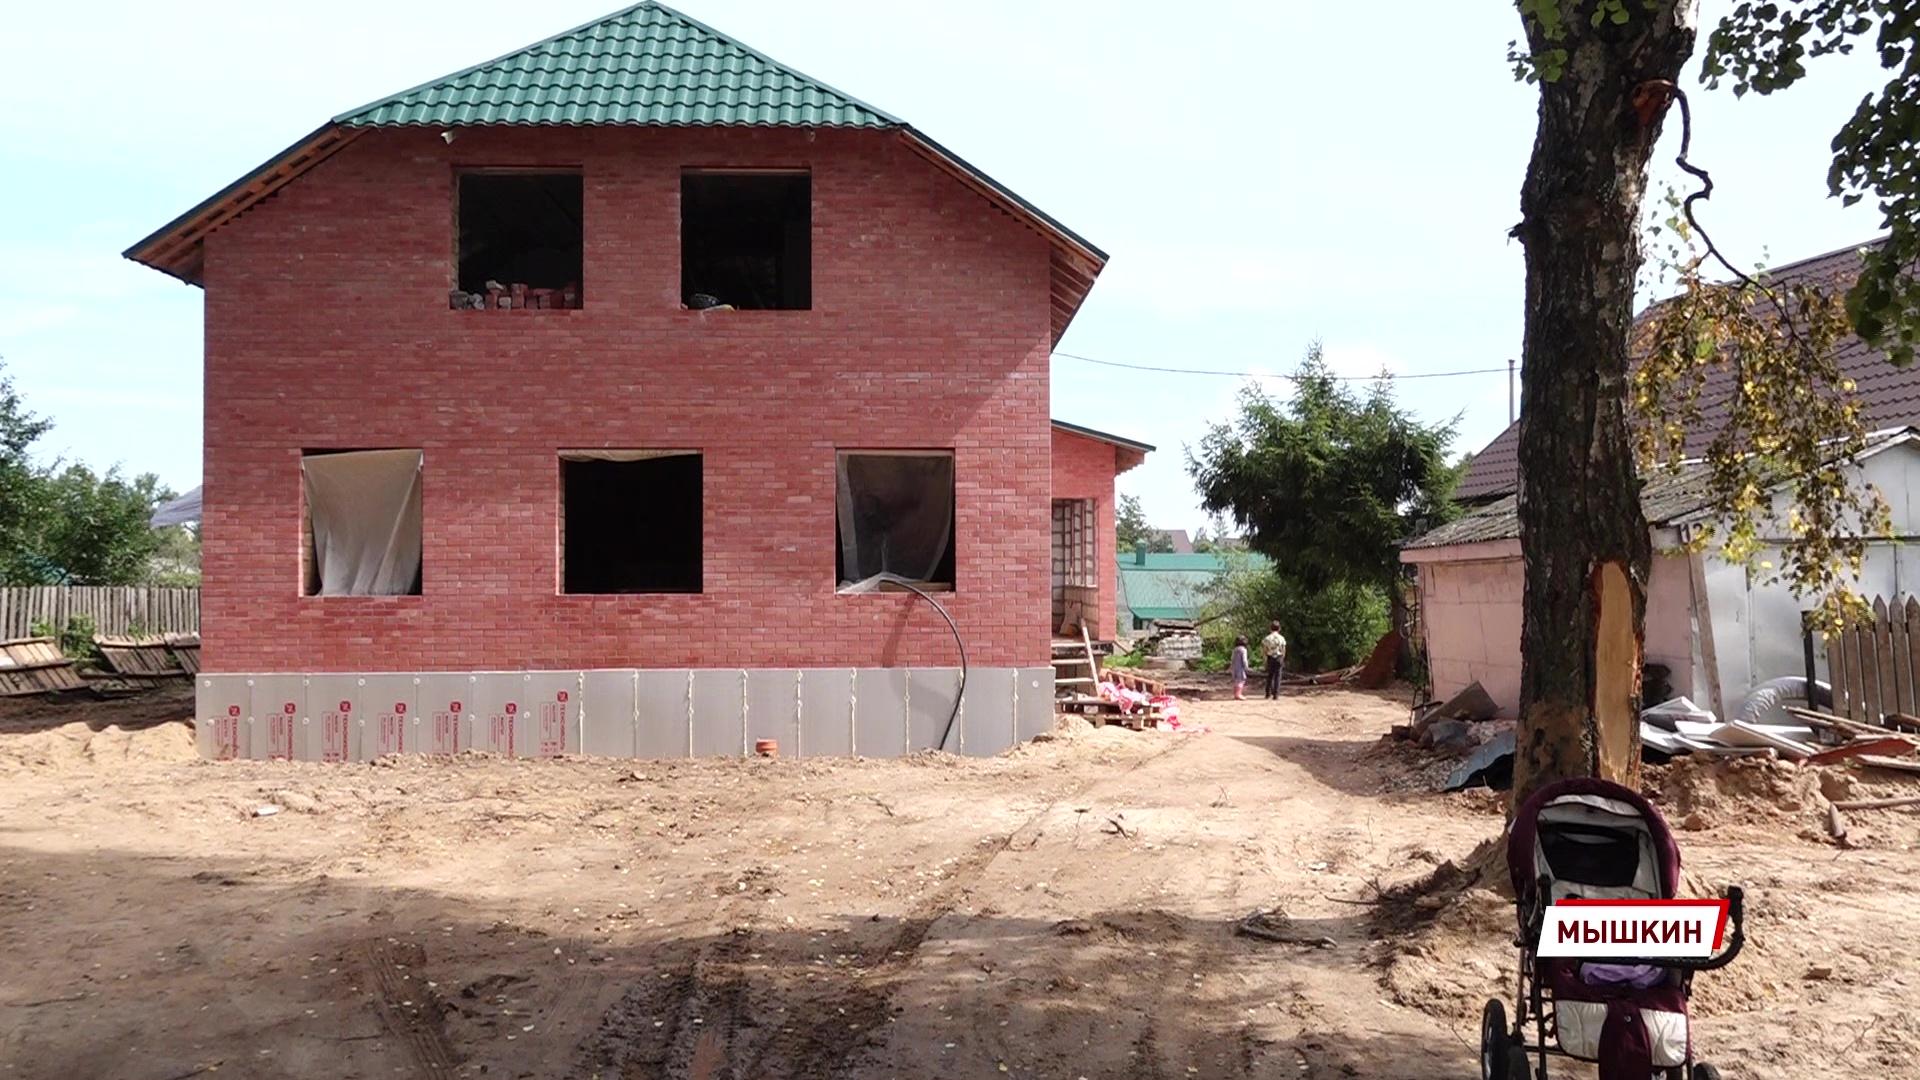 Мечты сбываются: многодетная семья из Мышкина начала строительство долгожданного дома